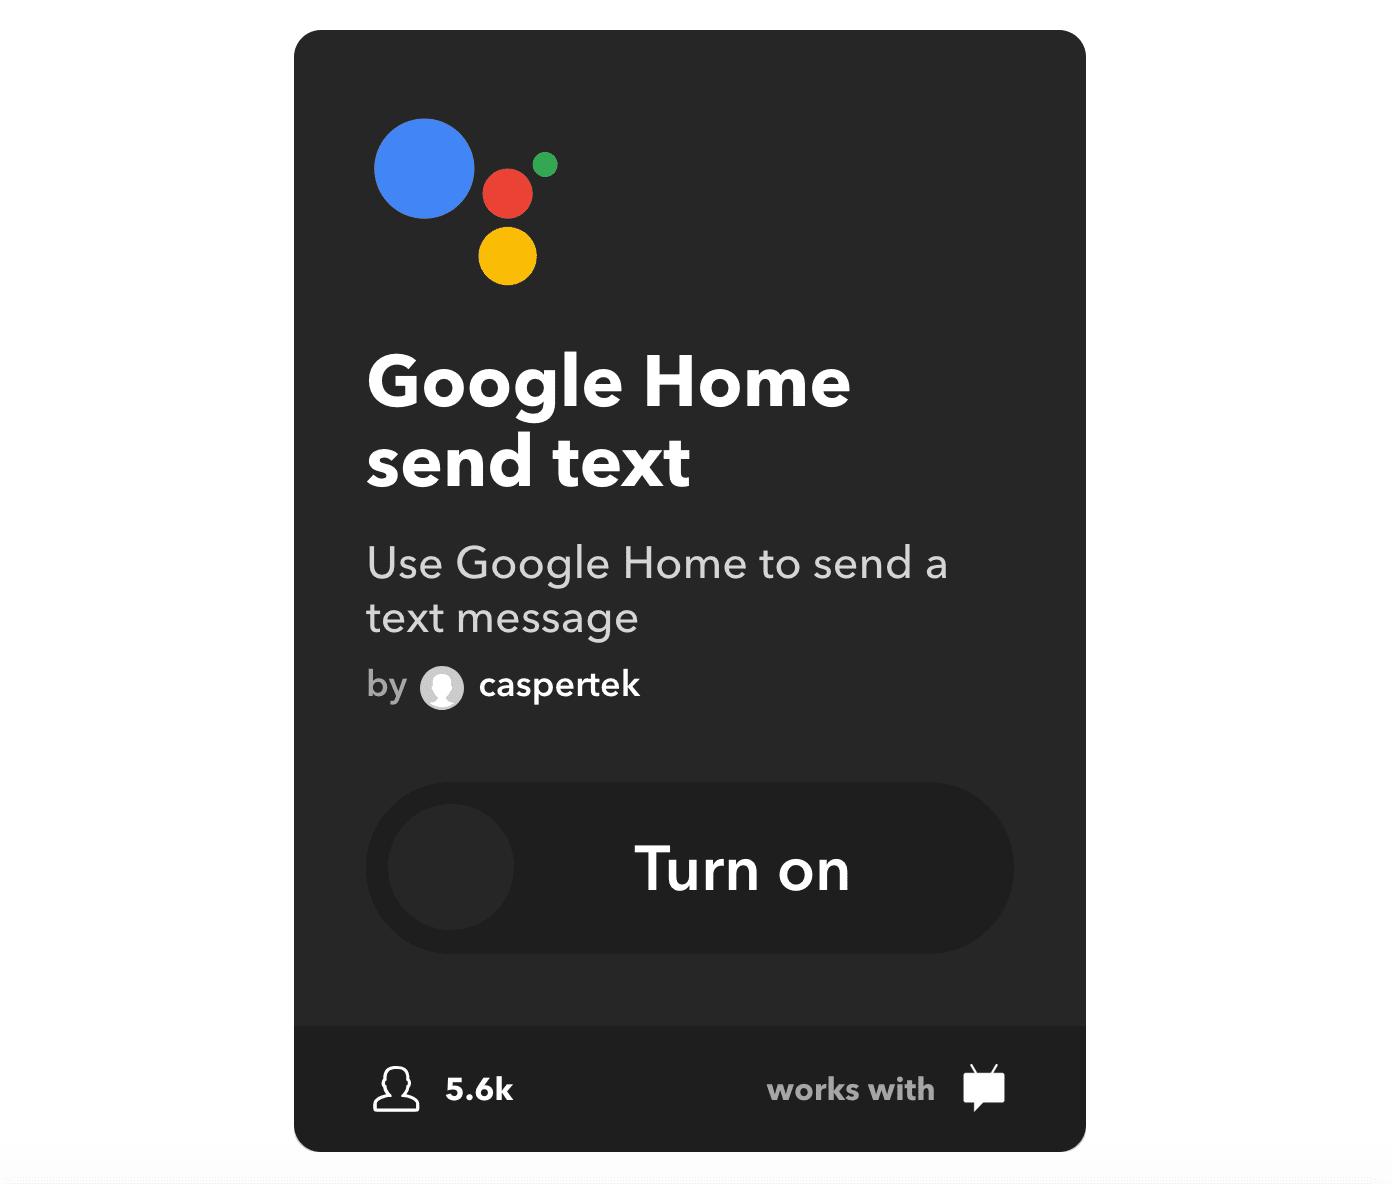 14 Best Google Home IFTTT Applets